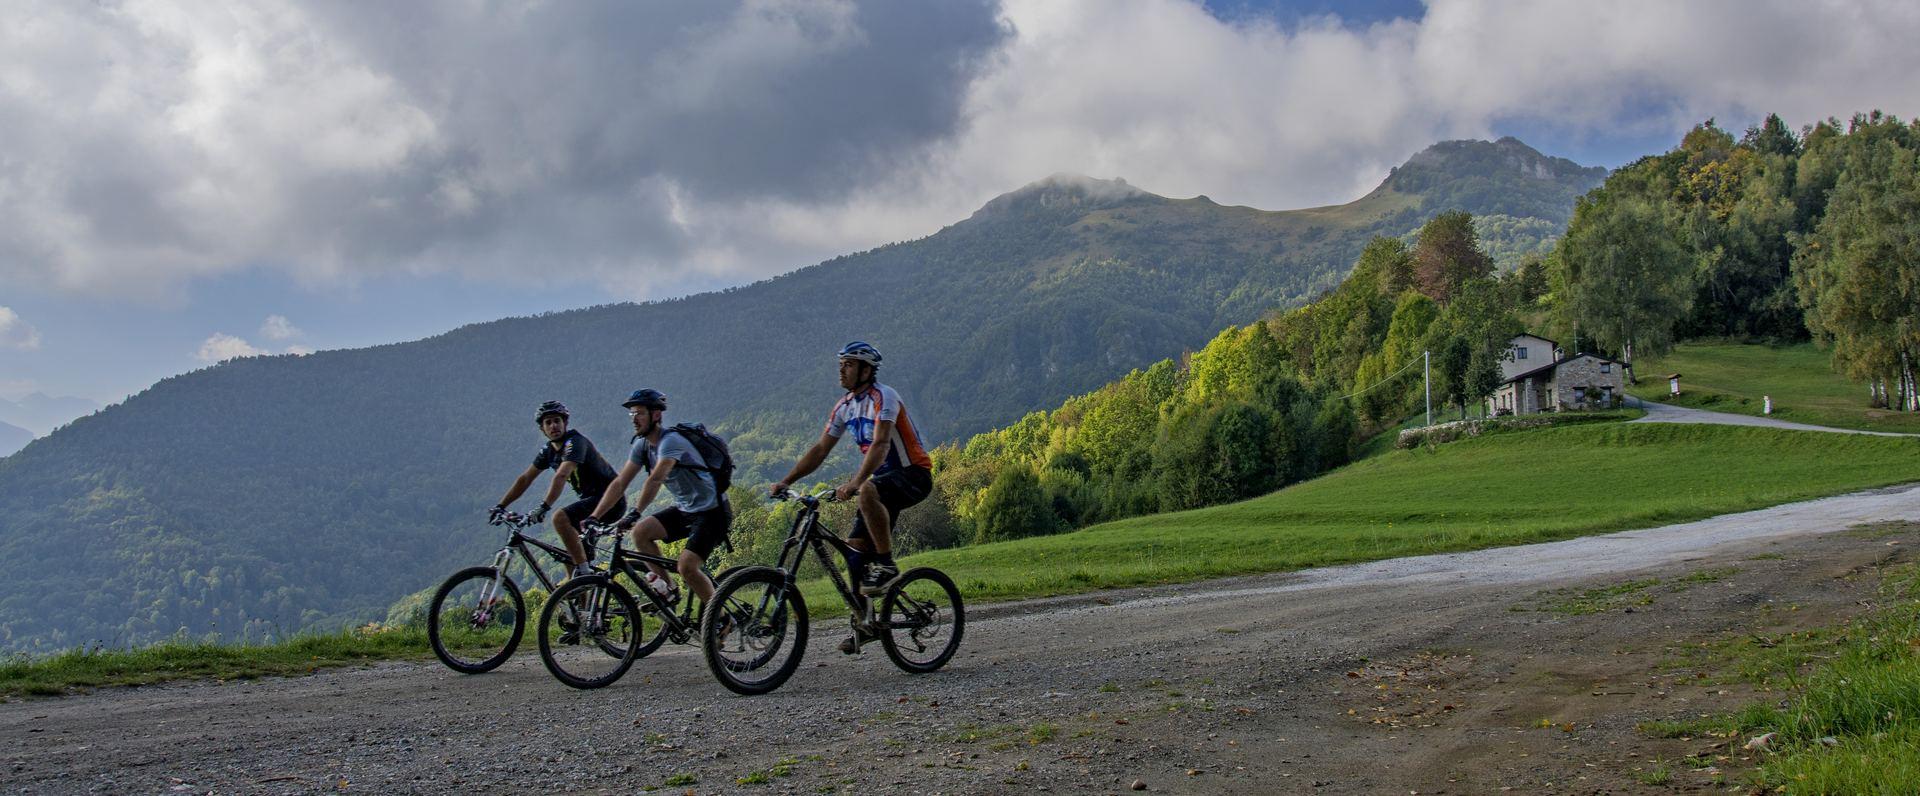 Bike Park Tajarè Valle Stura Cuneo